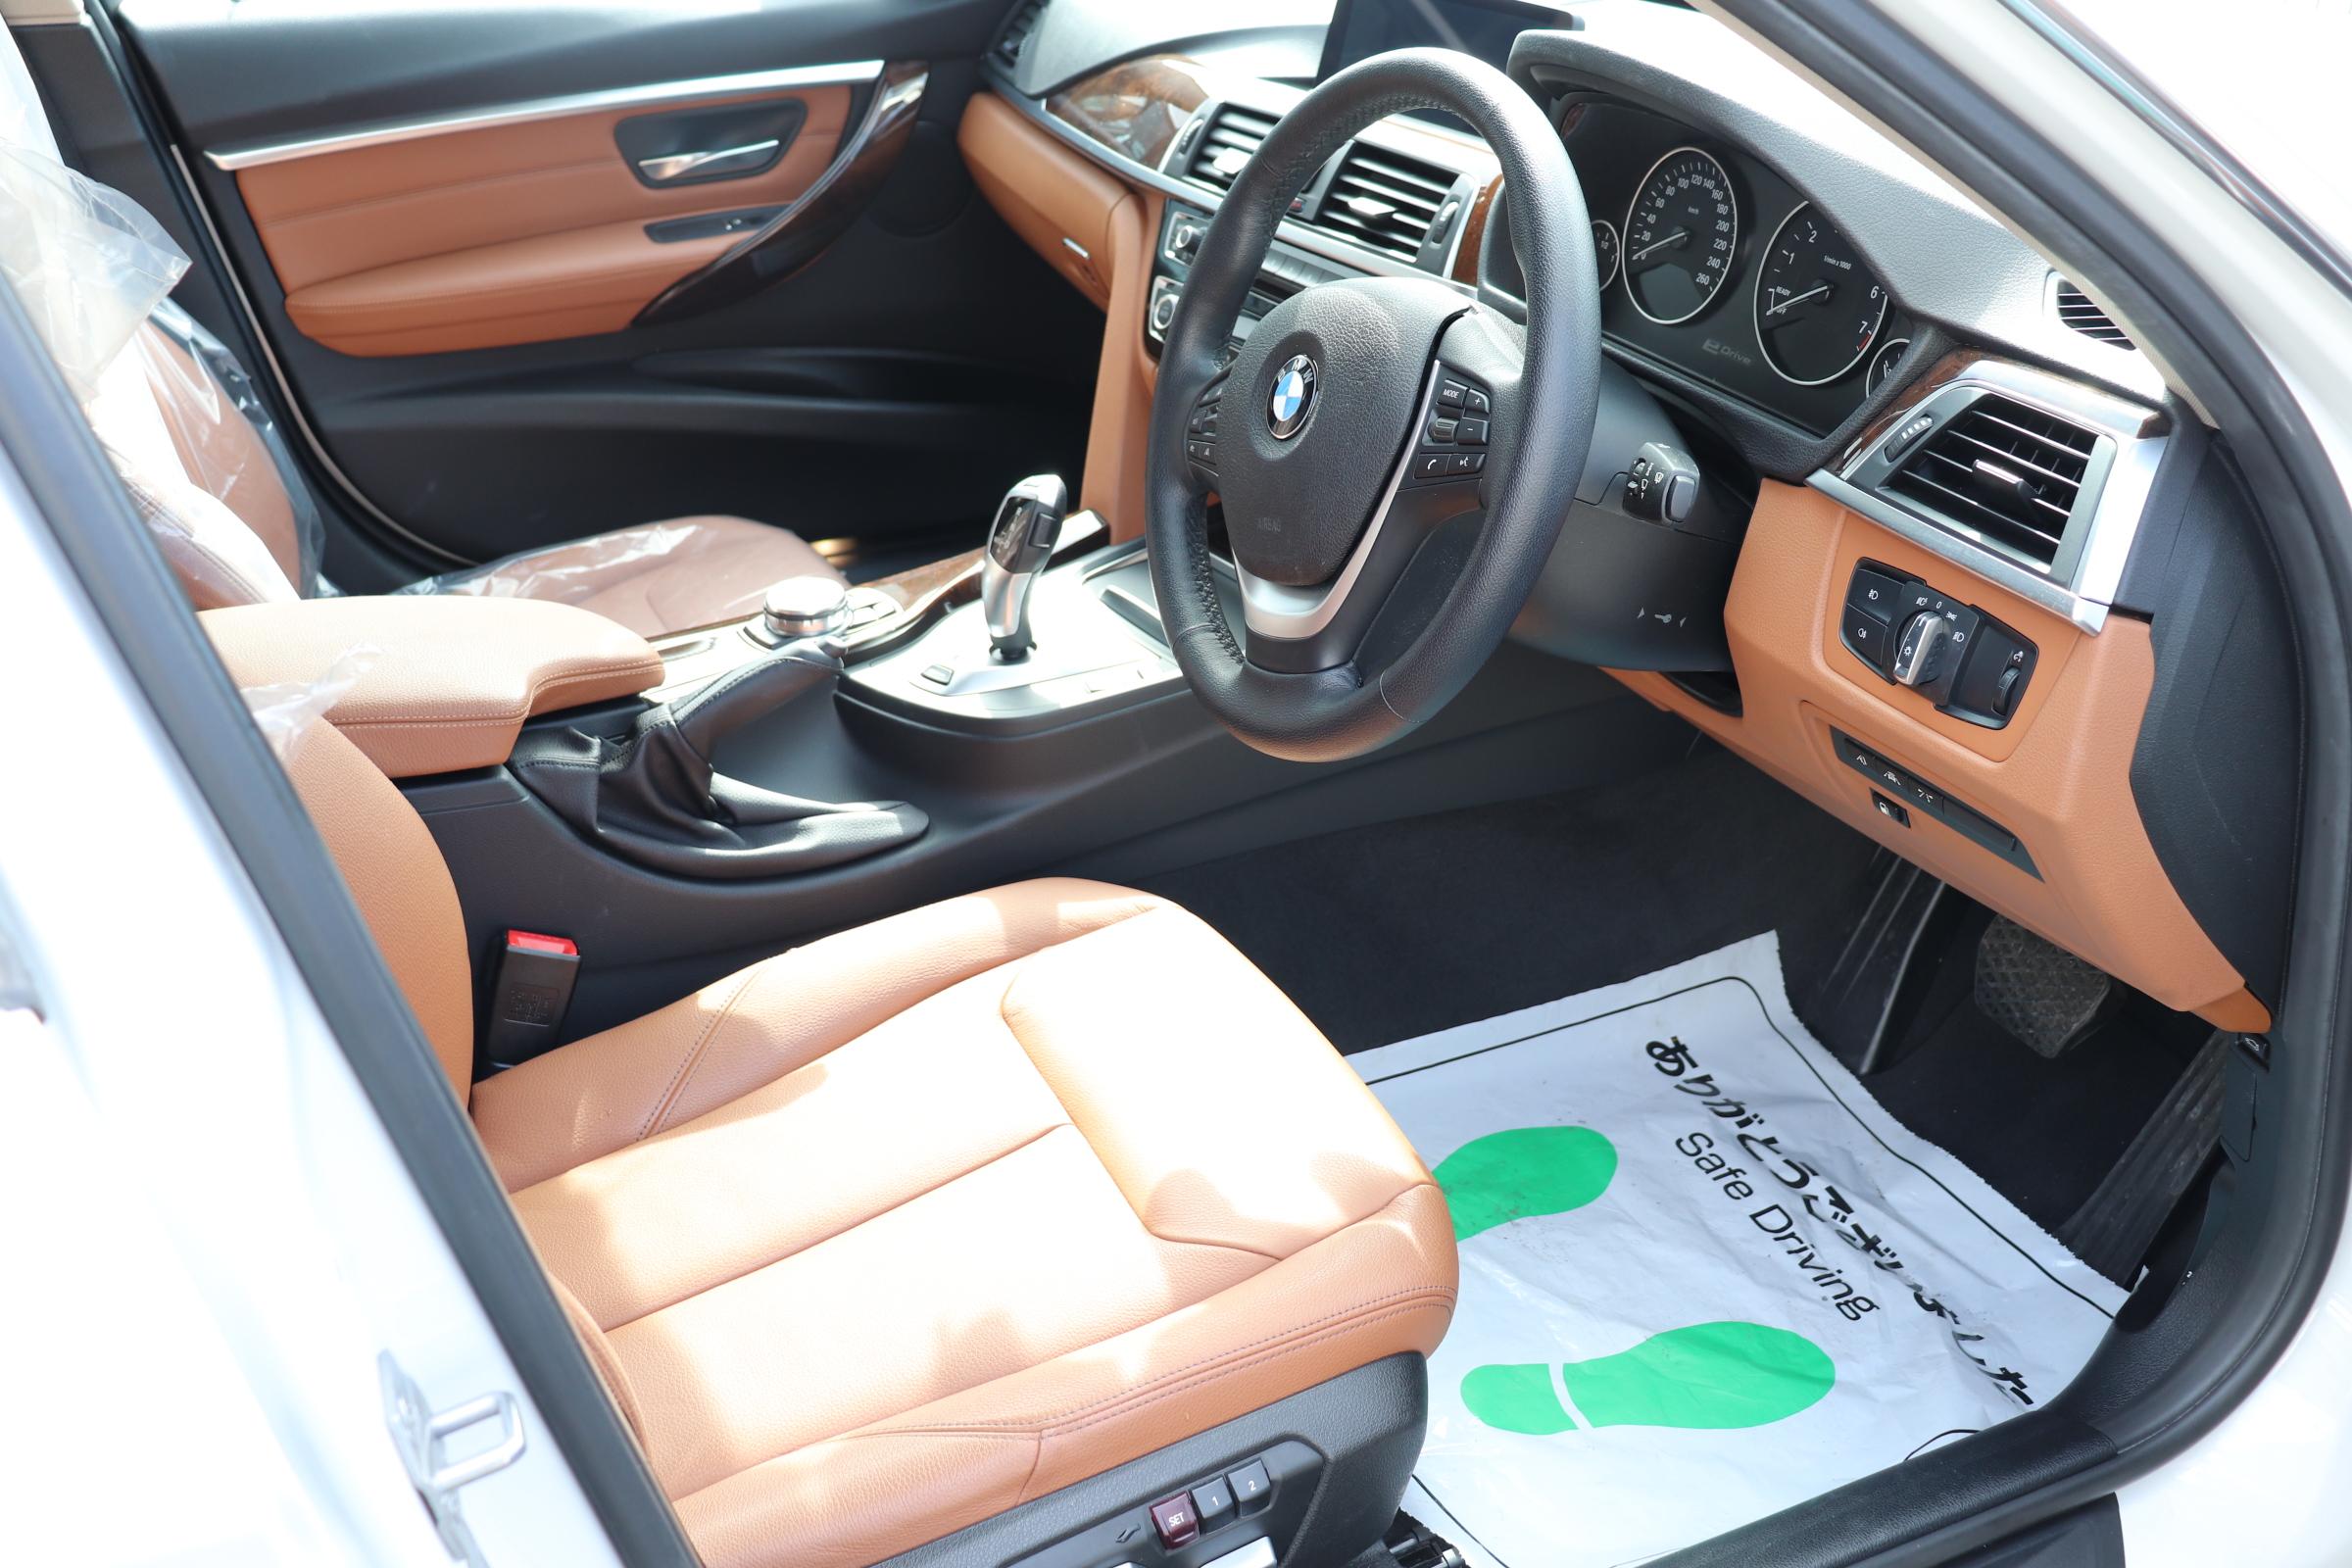 330eラグジュアリー BEAMコンプリートカー ブラウンレザーシート シートヒーター車両画像11